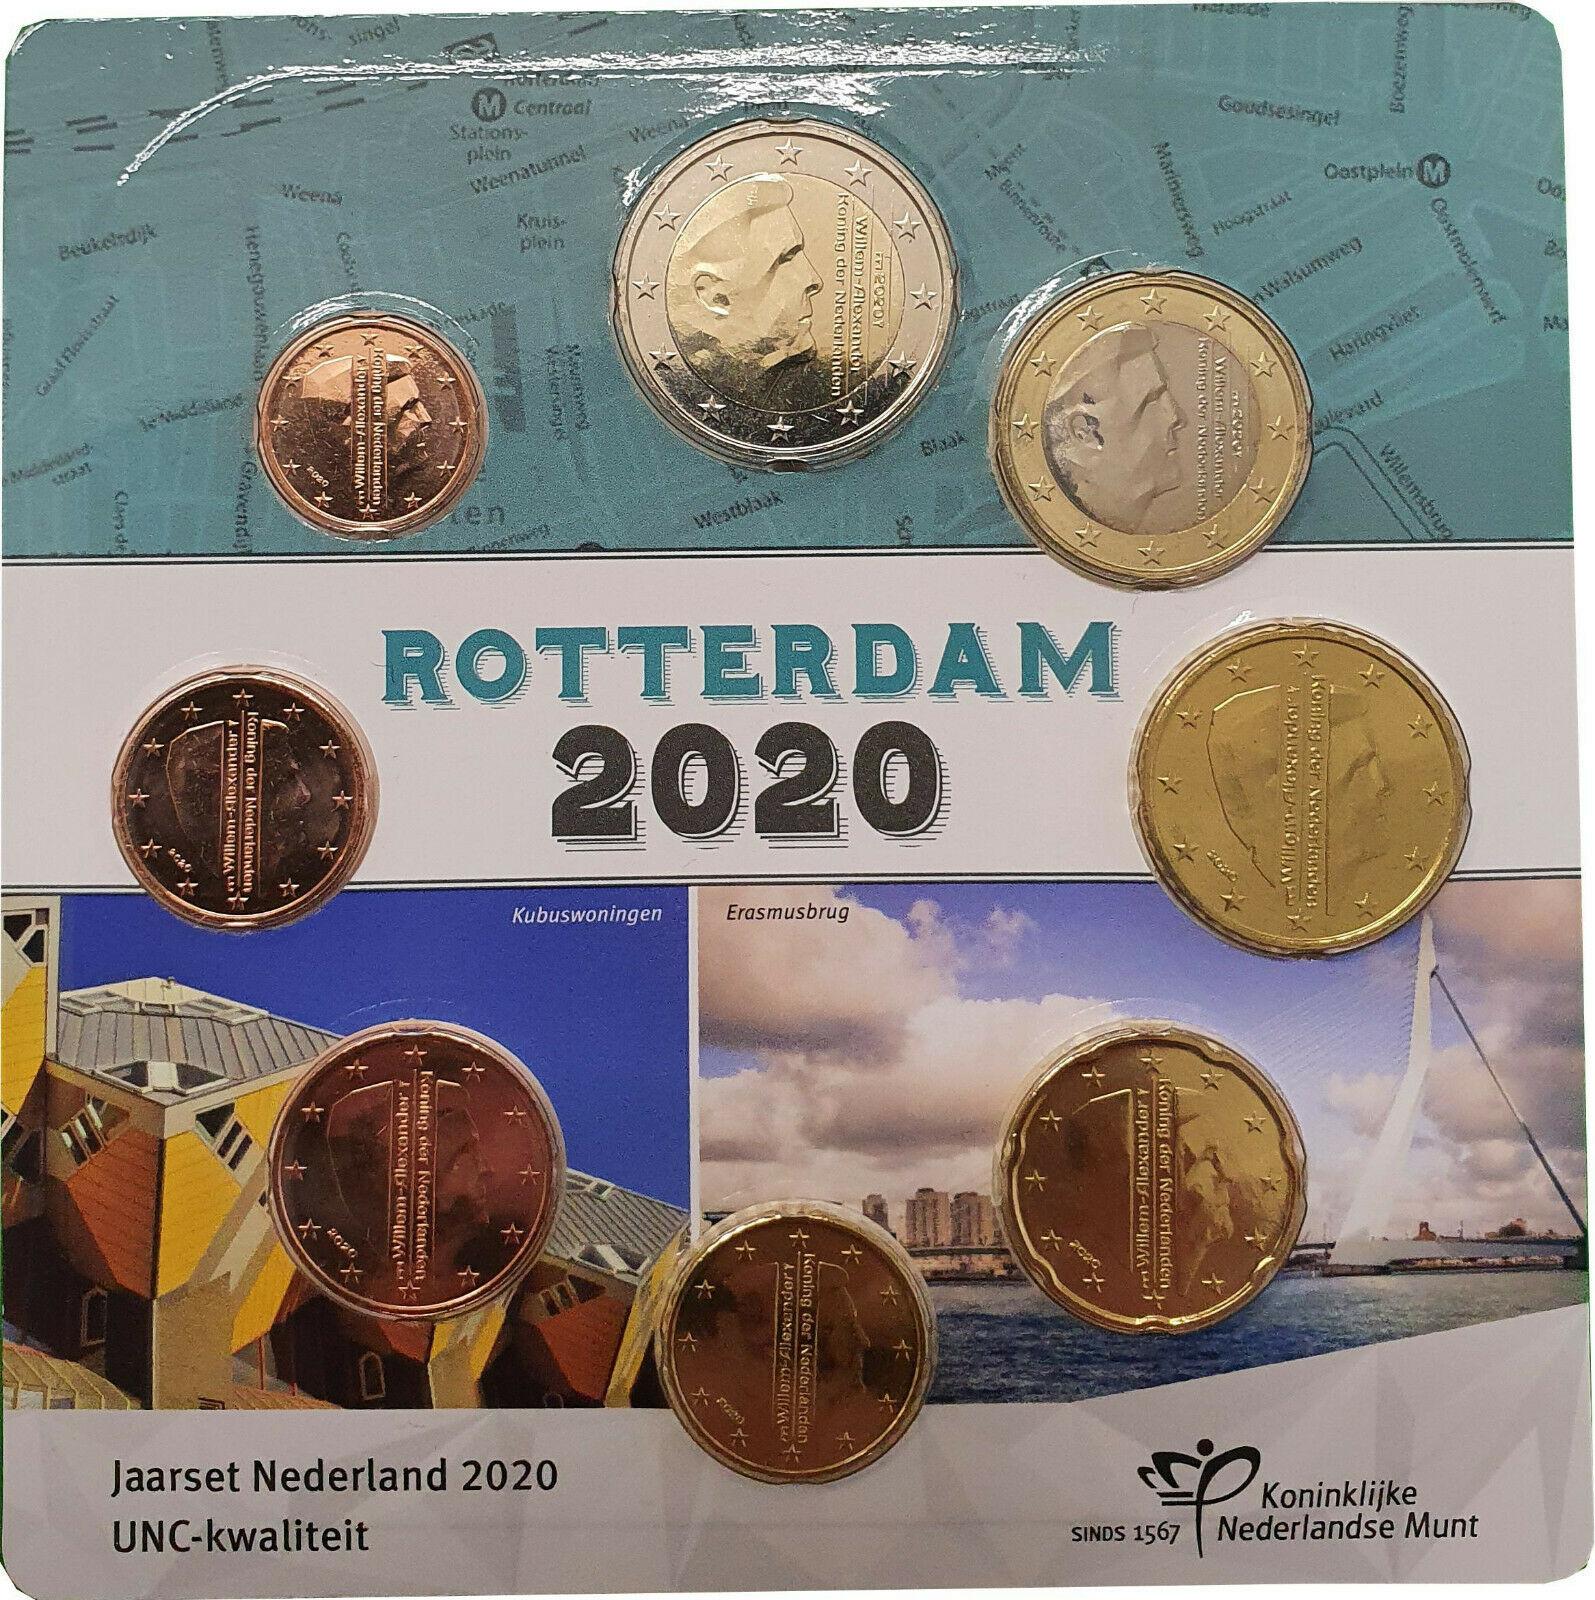 Нидерланды официальный набор евро 2020 г.